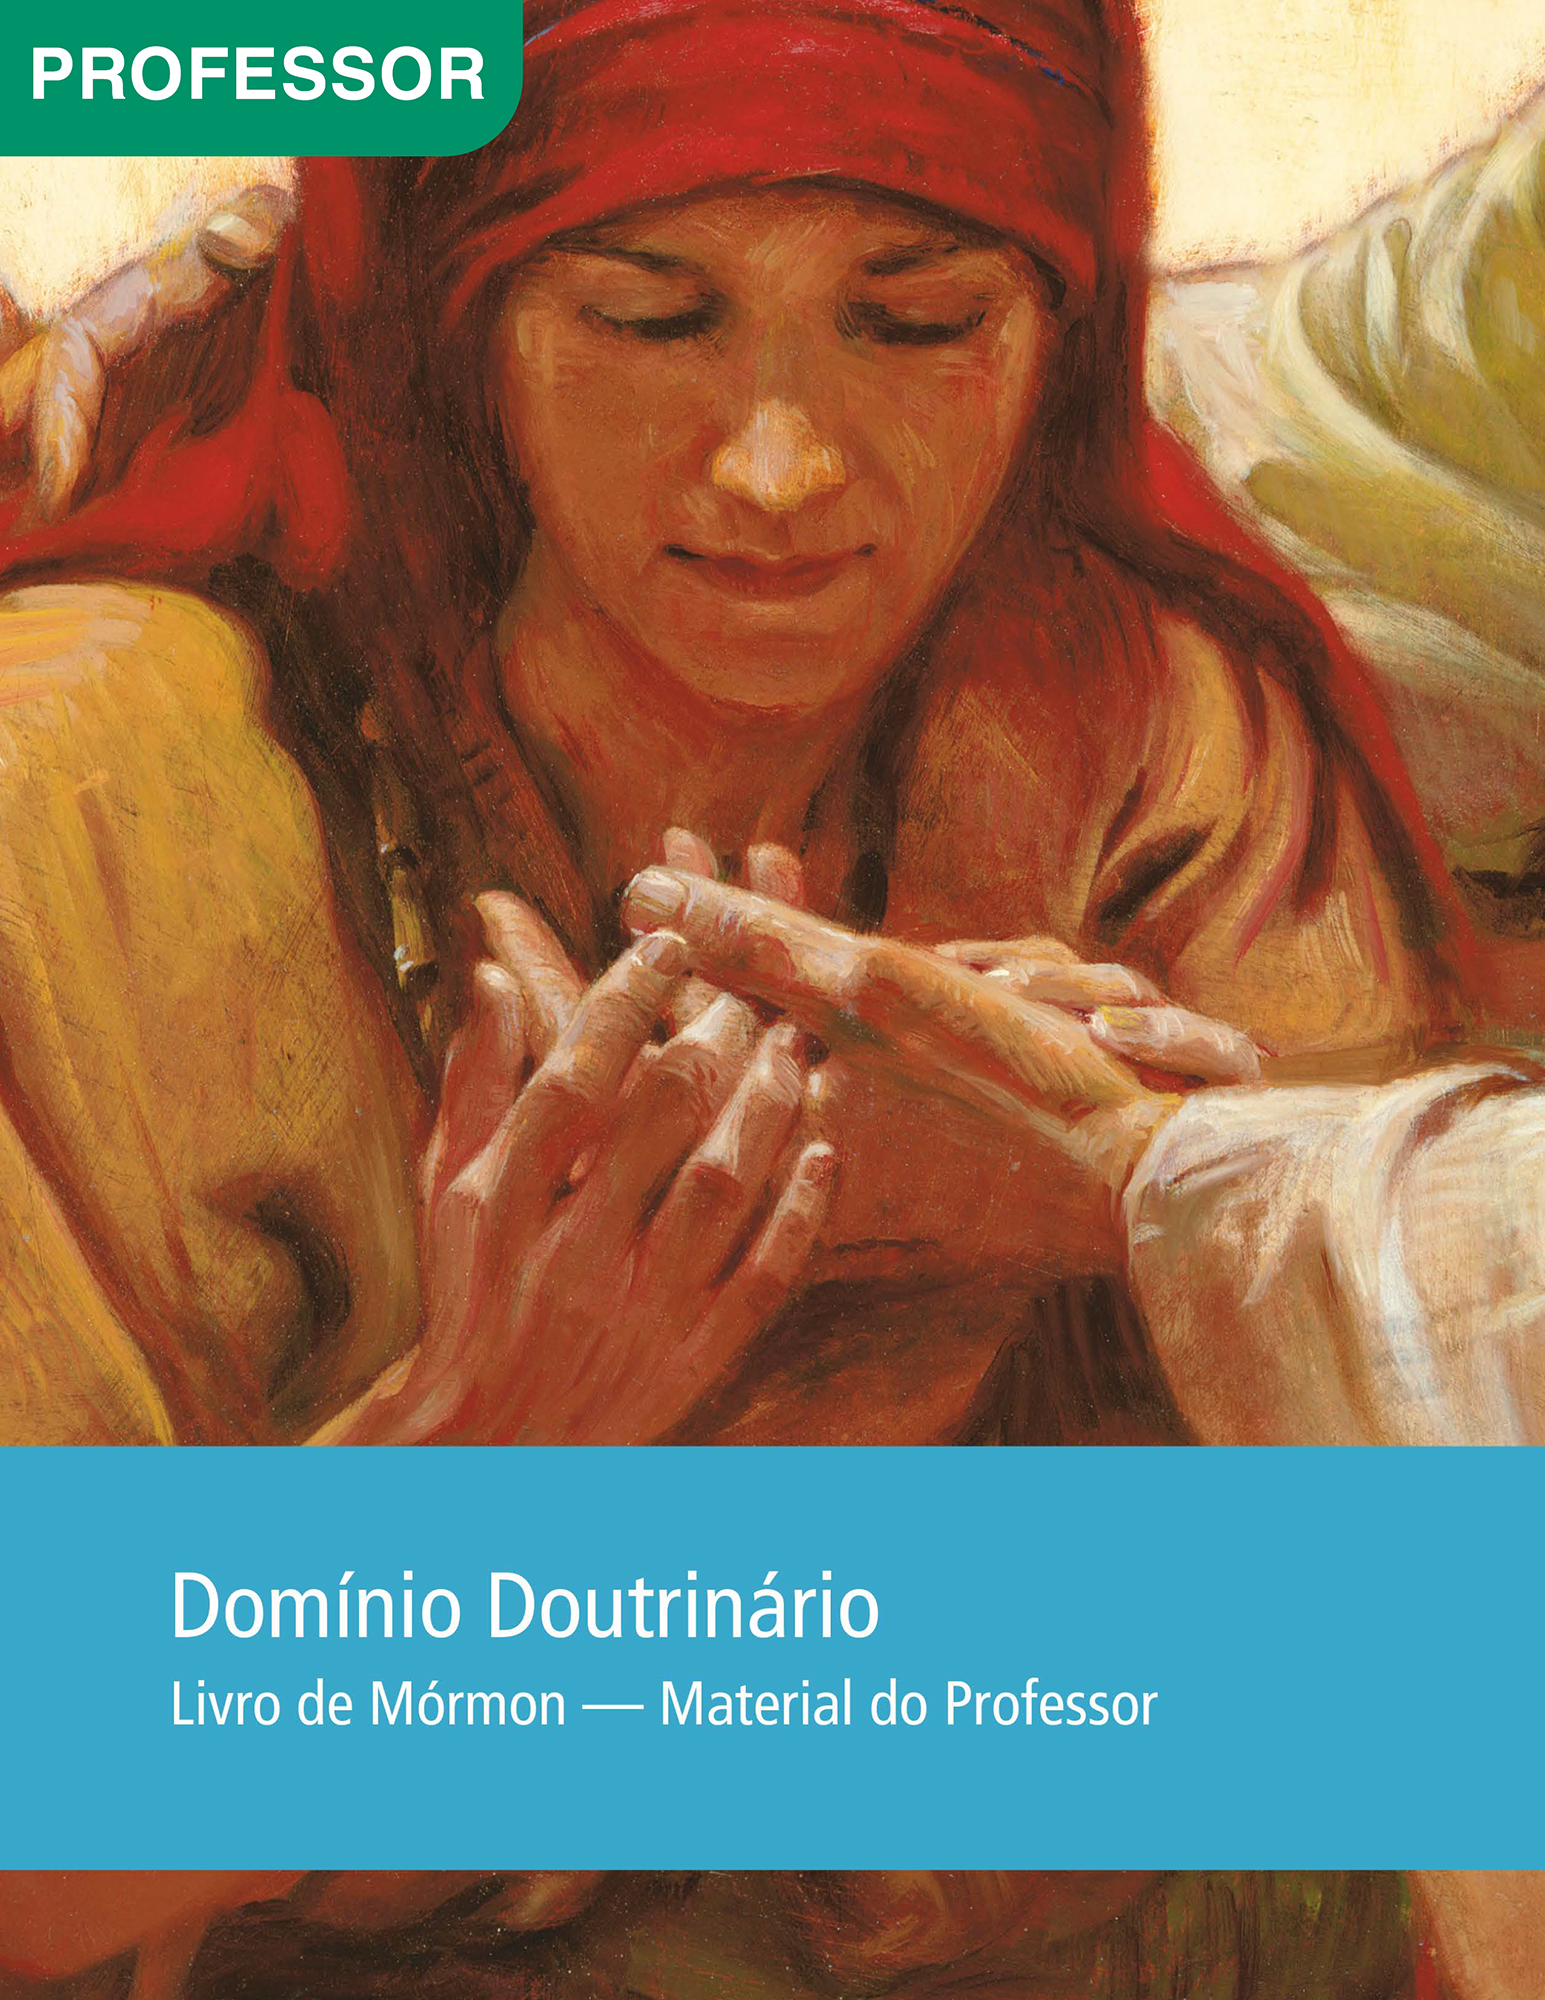 Domínio Doutrinário do Livro de Mórmon – Material do Professor